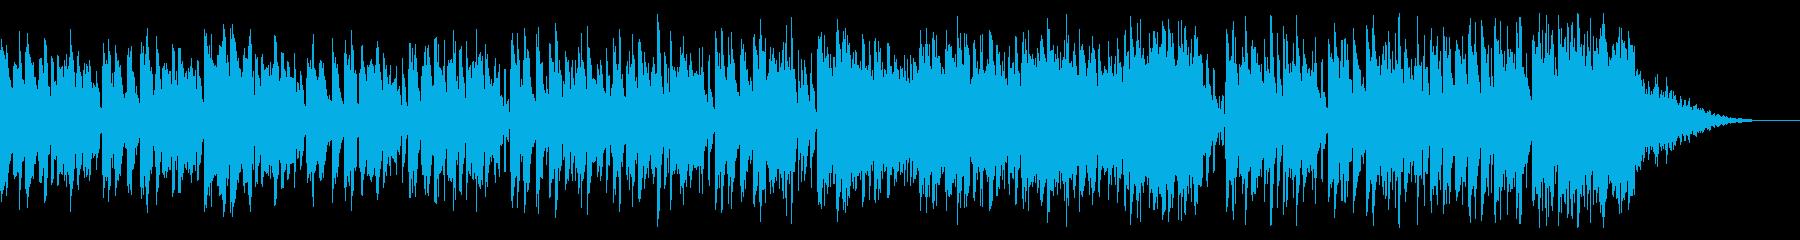 キャッチーなステップ音楽の再生済みの波形